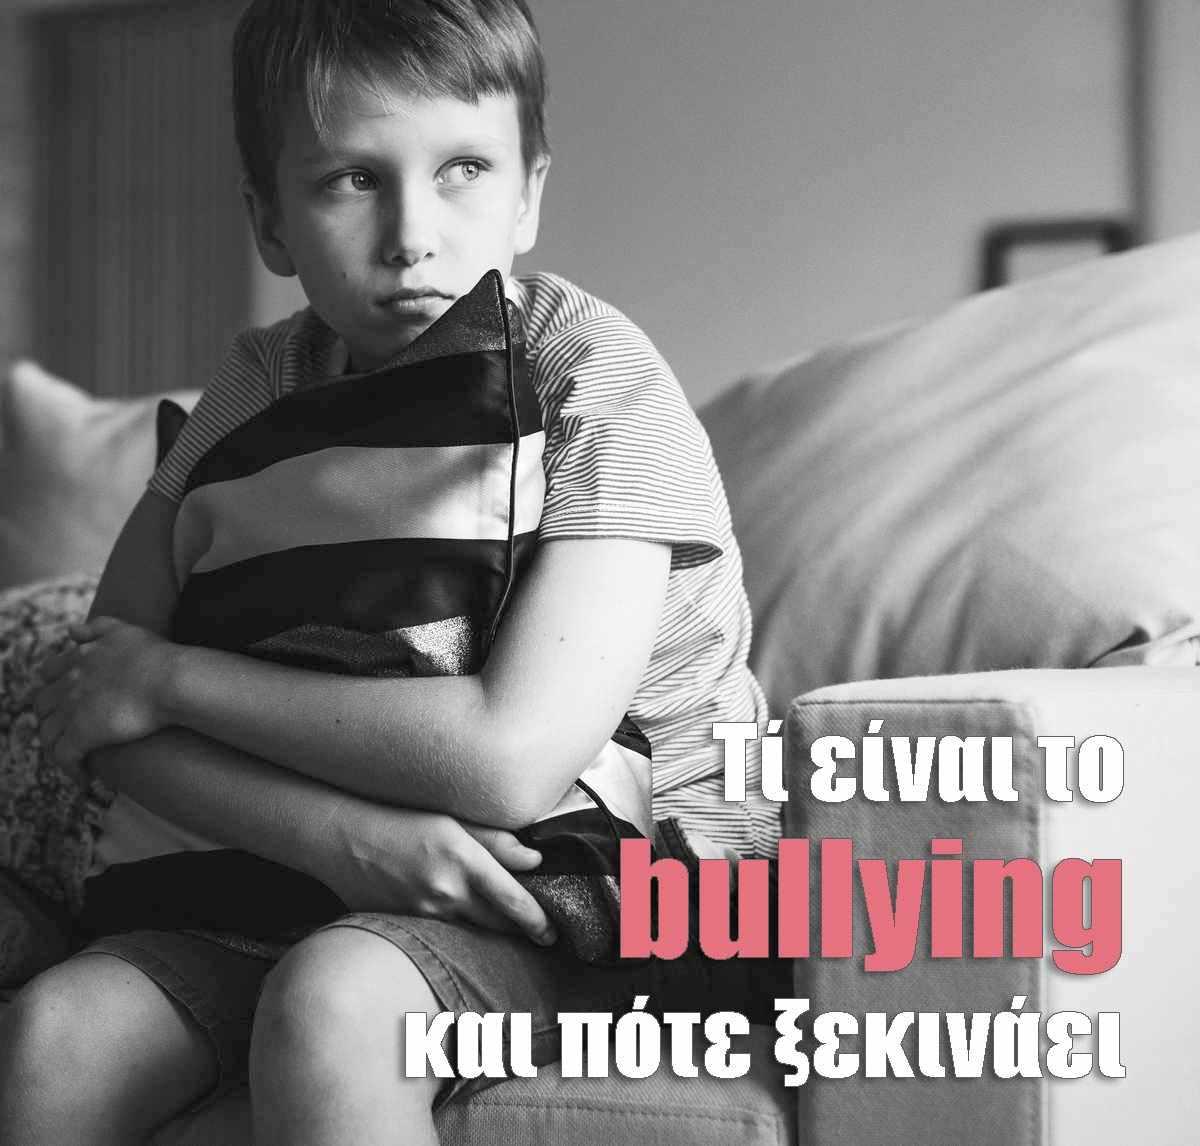 Τί είναι το bullying, πότε ξεκινάει